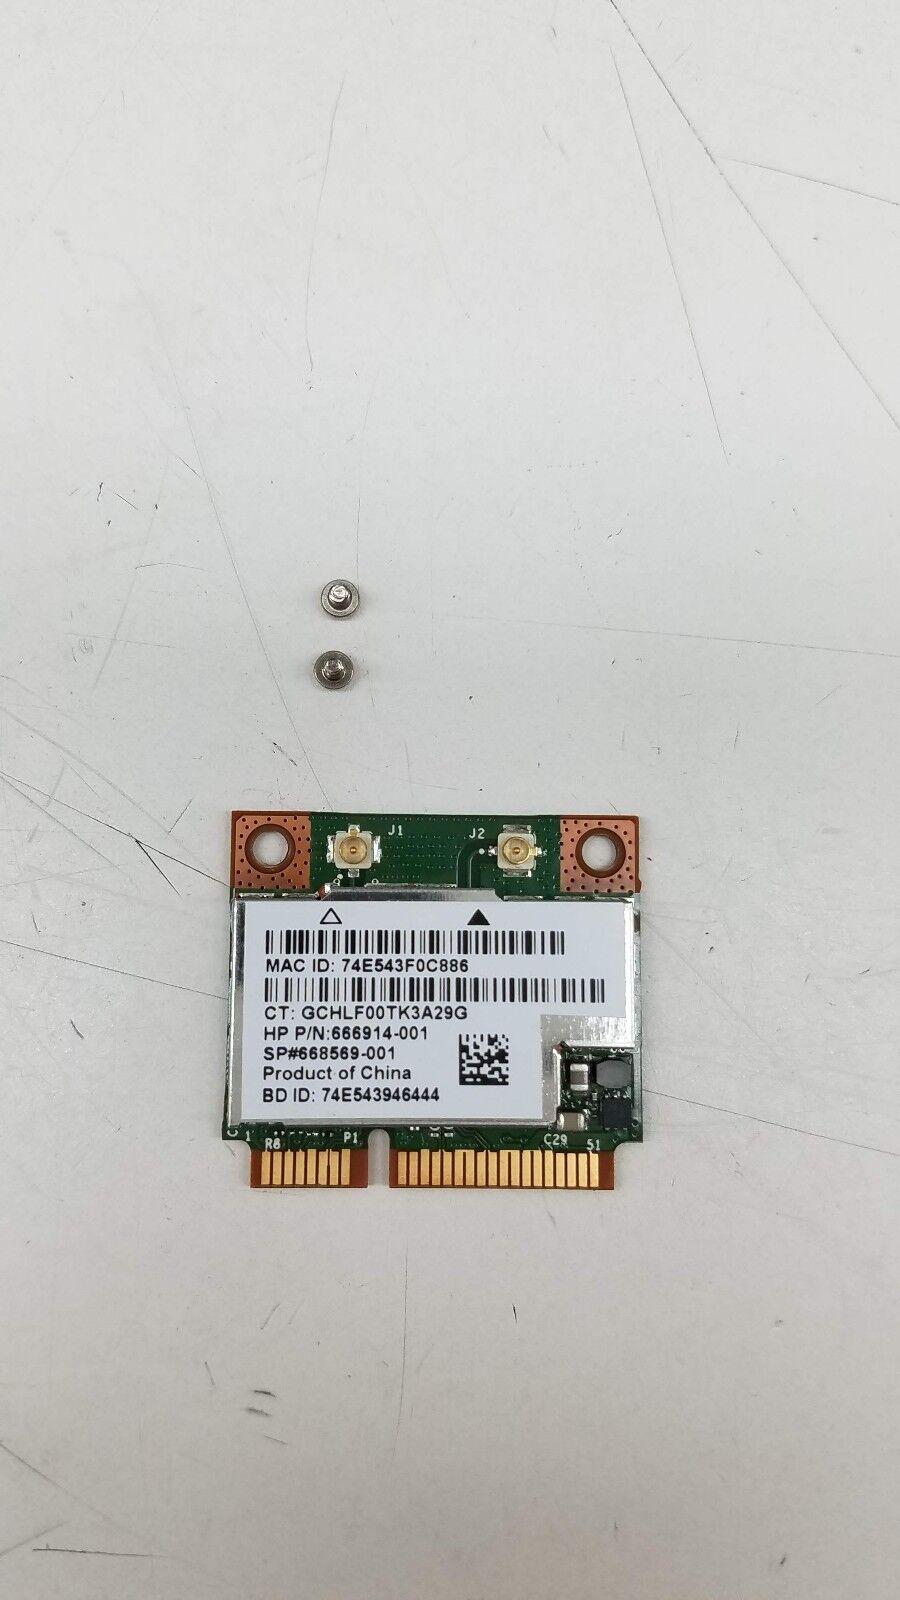 HP 697316-001 802.11a/b/g/n + BT 4.0 Wireless Combo Card